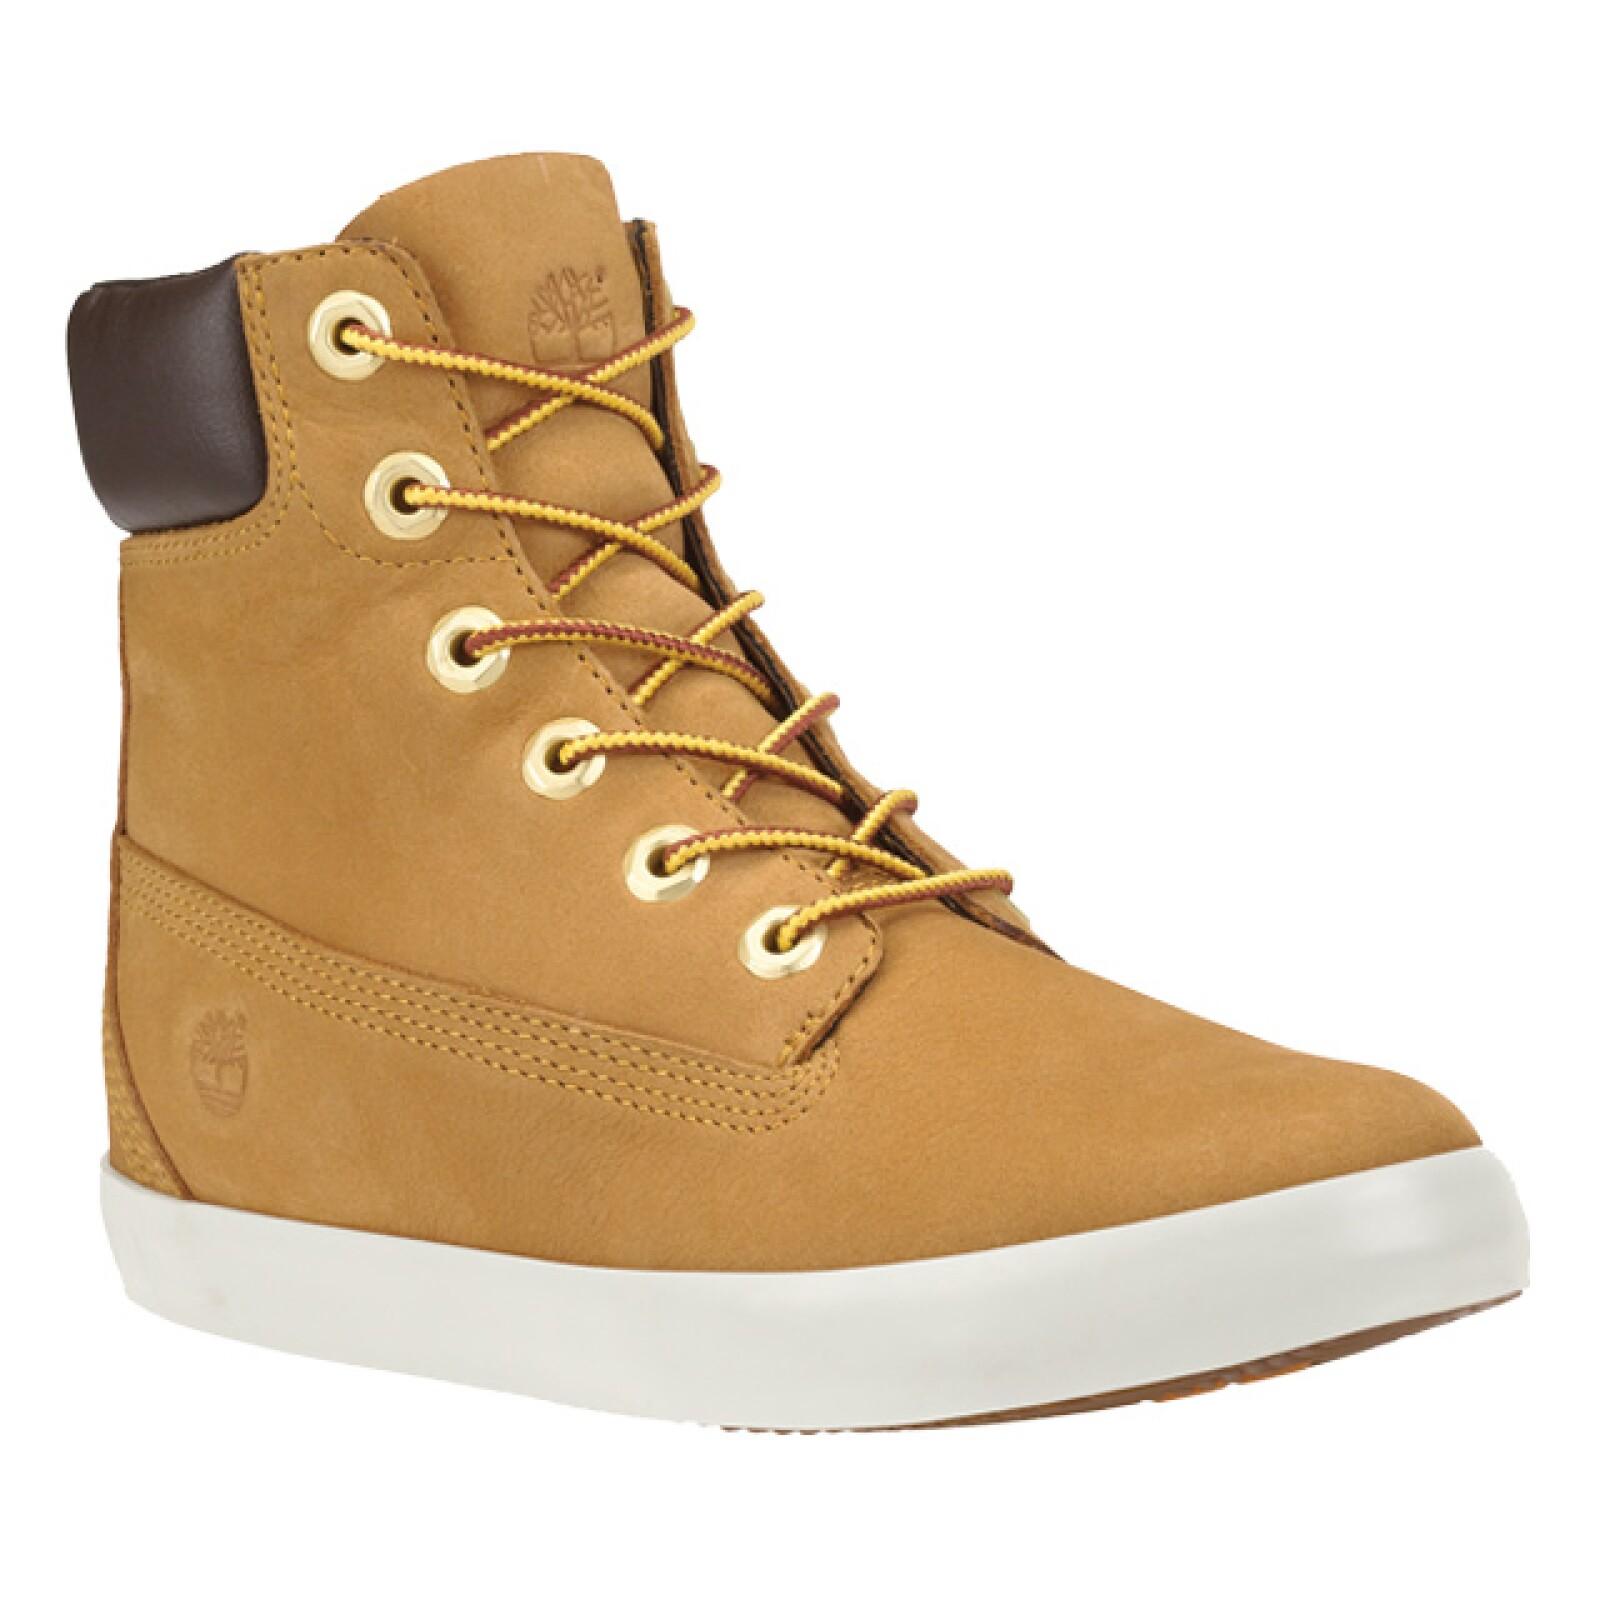 Salte de lo clásico y dale fortaleza a tu look con estas botas waterproof de Timberland.